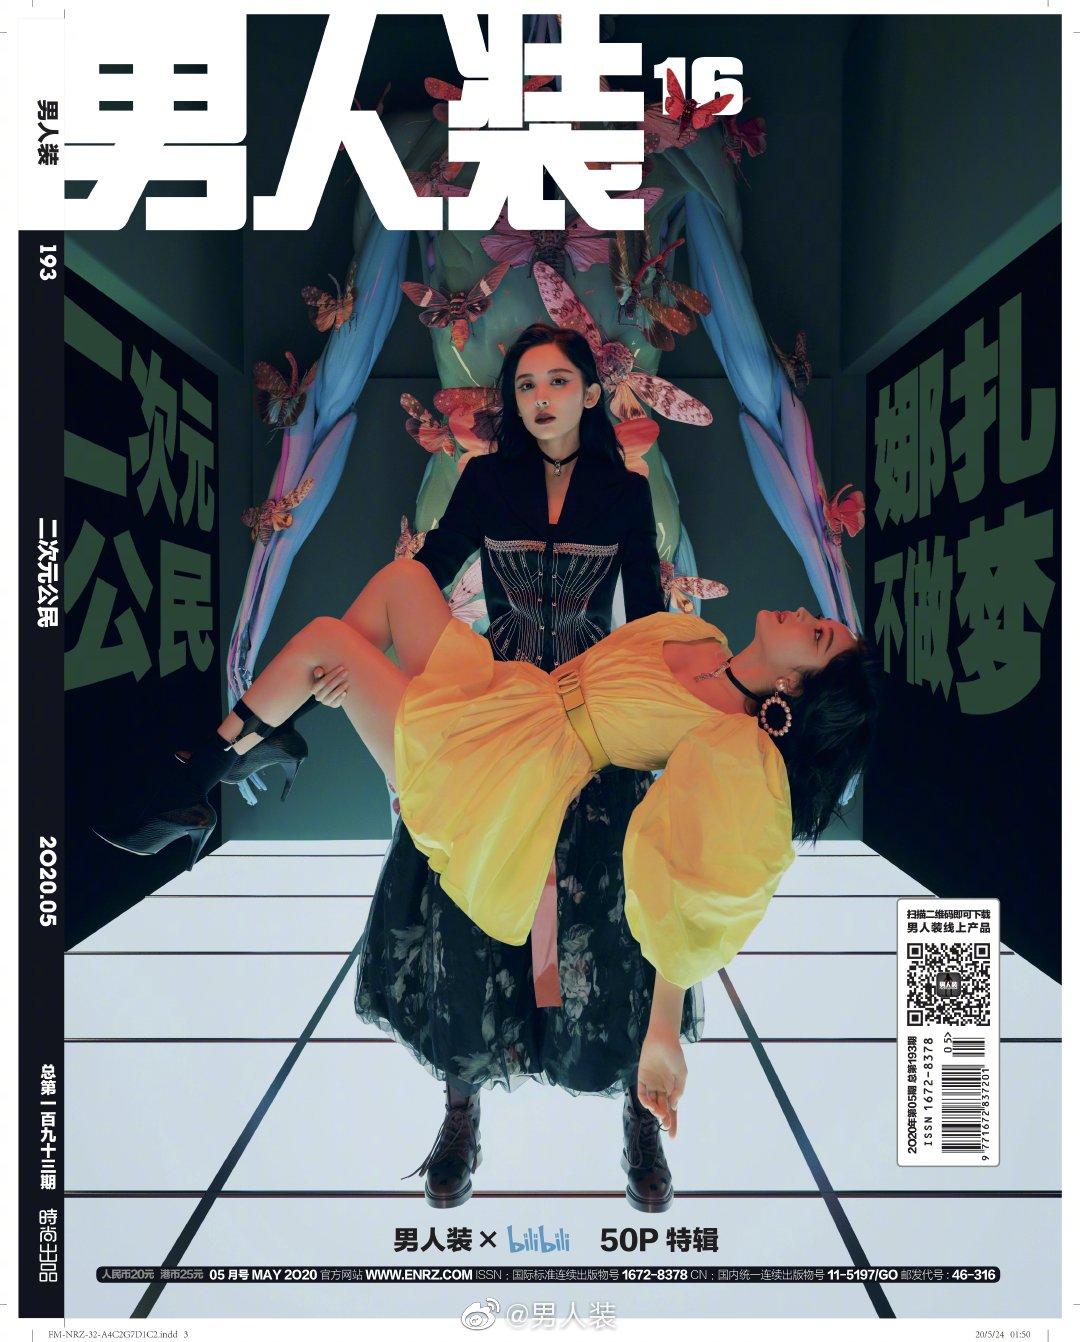 男人装16周年改版首刊封面人物@我是娜扎二次元的入口在现实生活中